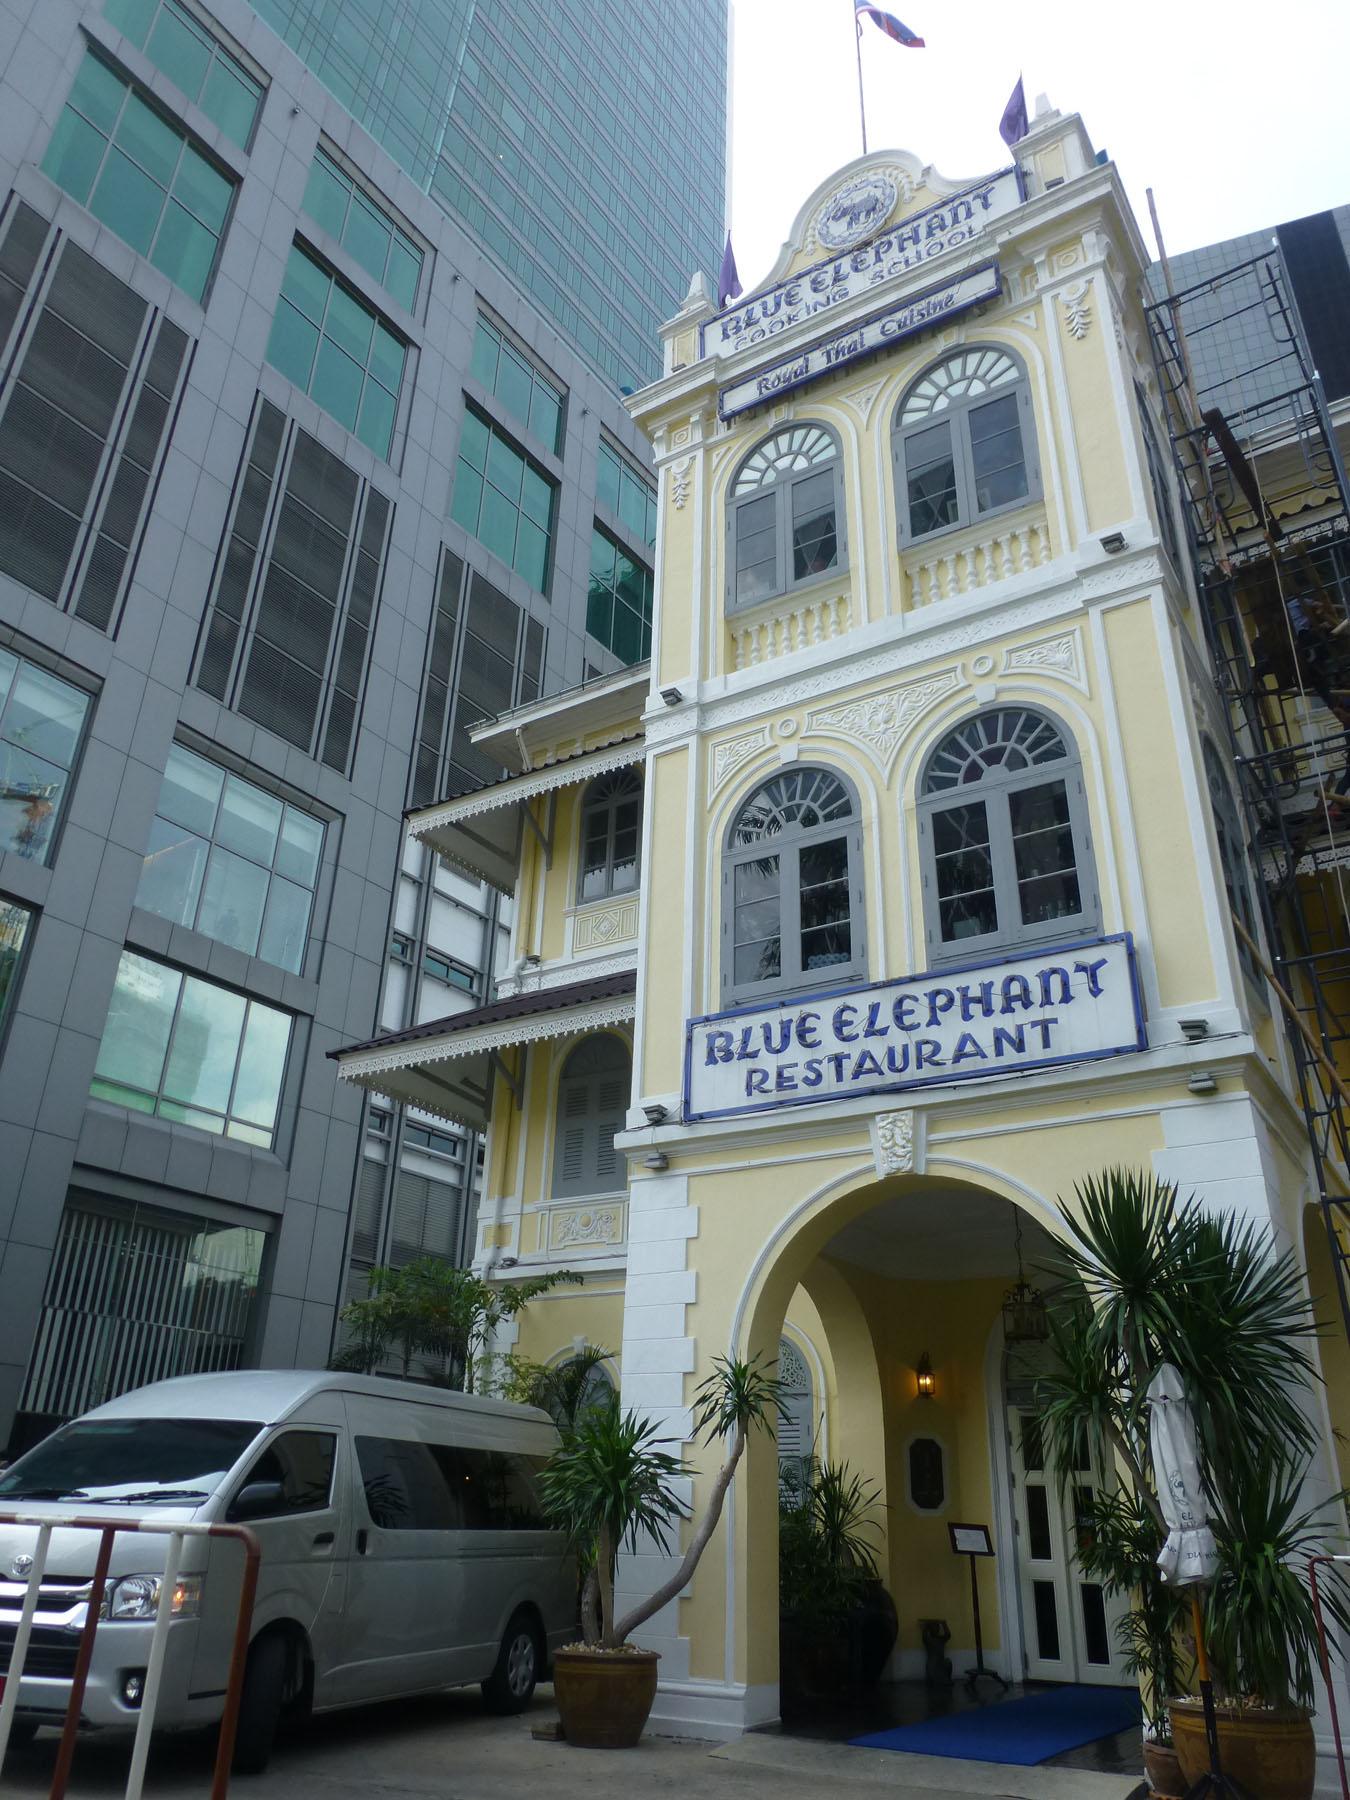 最有趣!正統泰菜現學現吃 Blue Elephant Cooking School & Restaurant 1980年創始於比利時,遠近馳名的泰式料理與教學廚房專門店。